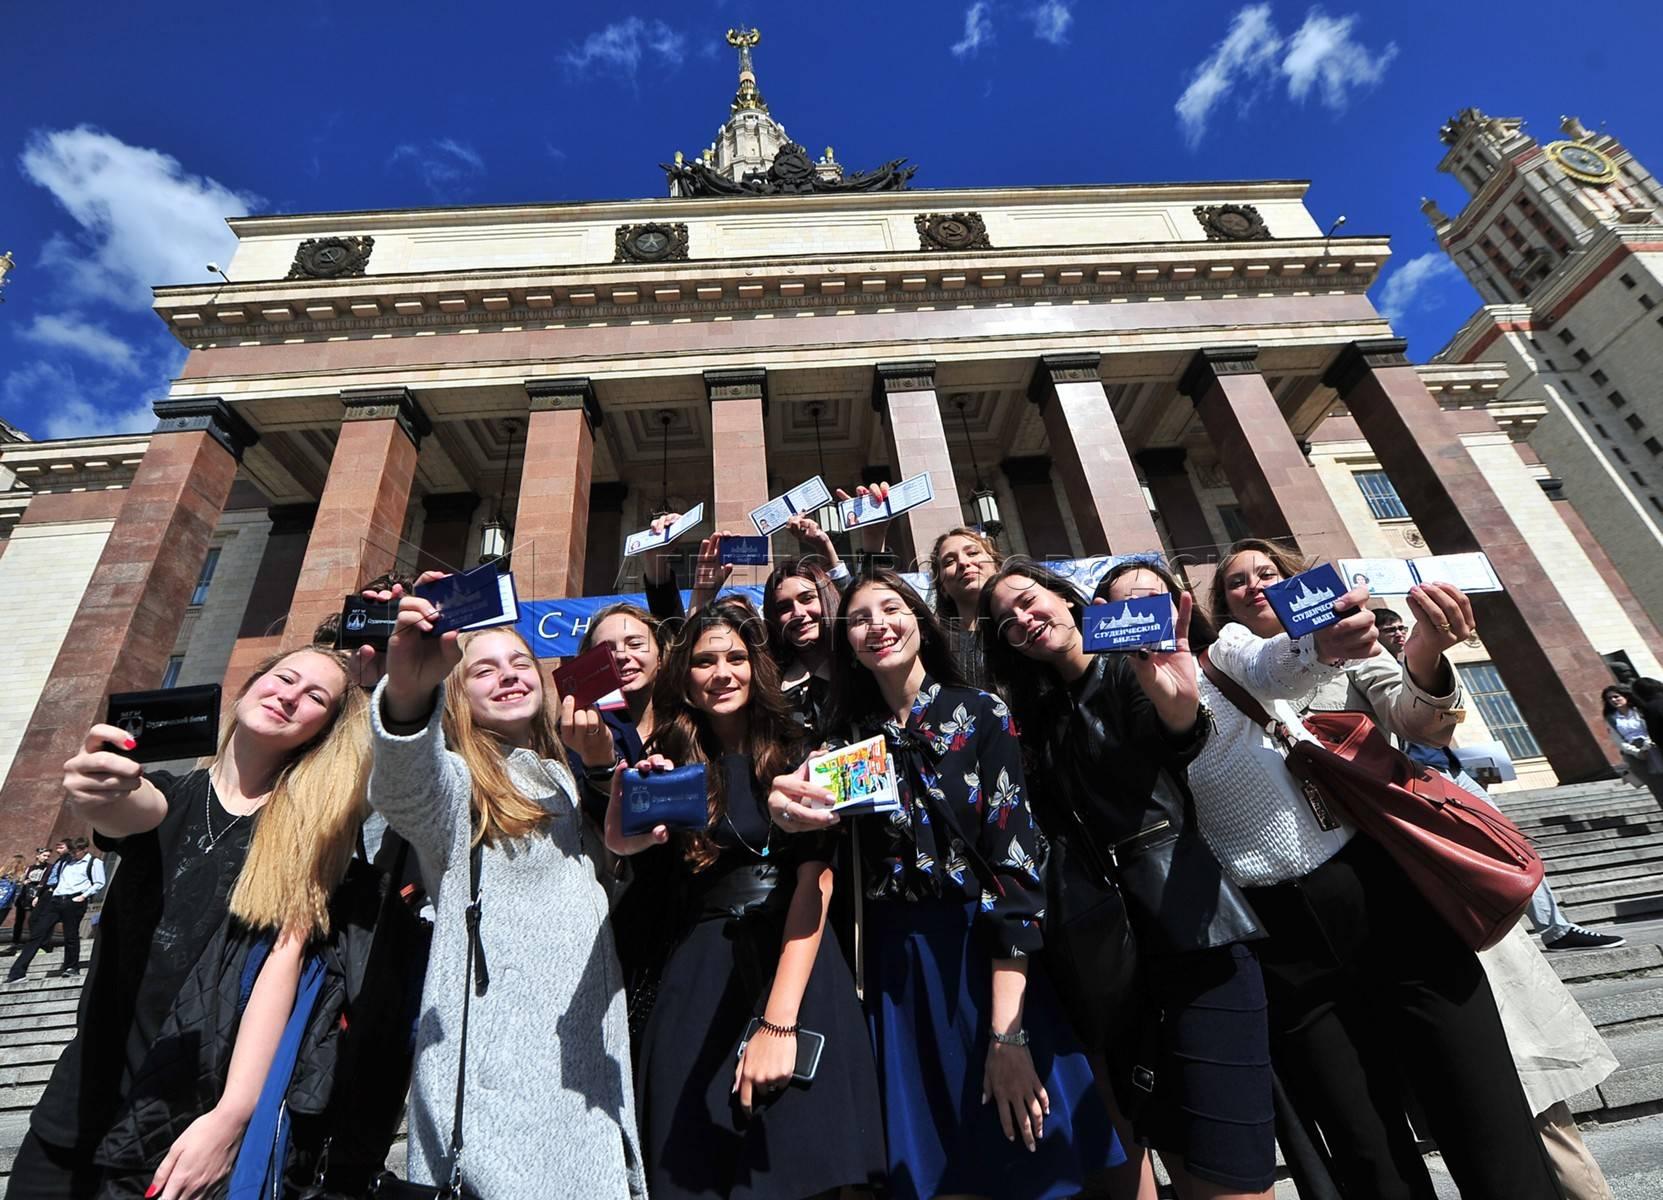 Как получить образование в великобритании (англии) для русских: обзор вузов, стоимость